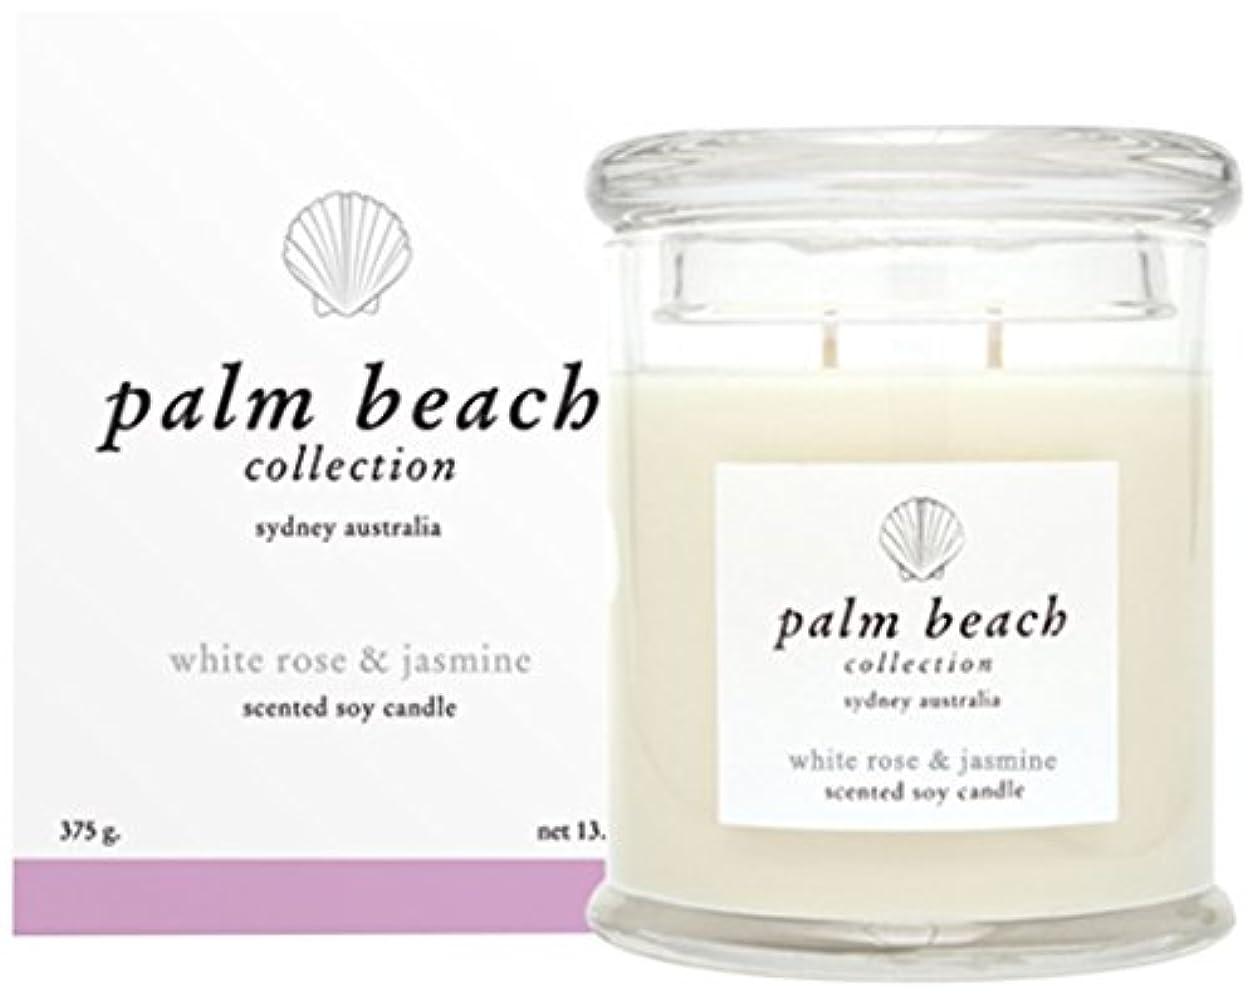 落ち込んでいる困った配管工パームビーチコレクション ソイワックススタンダードキャンドル ホワイトローズ&ジャスミン Palm Beach Collection